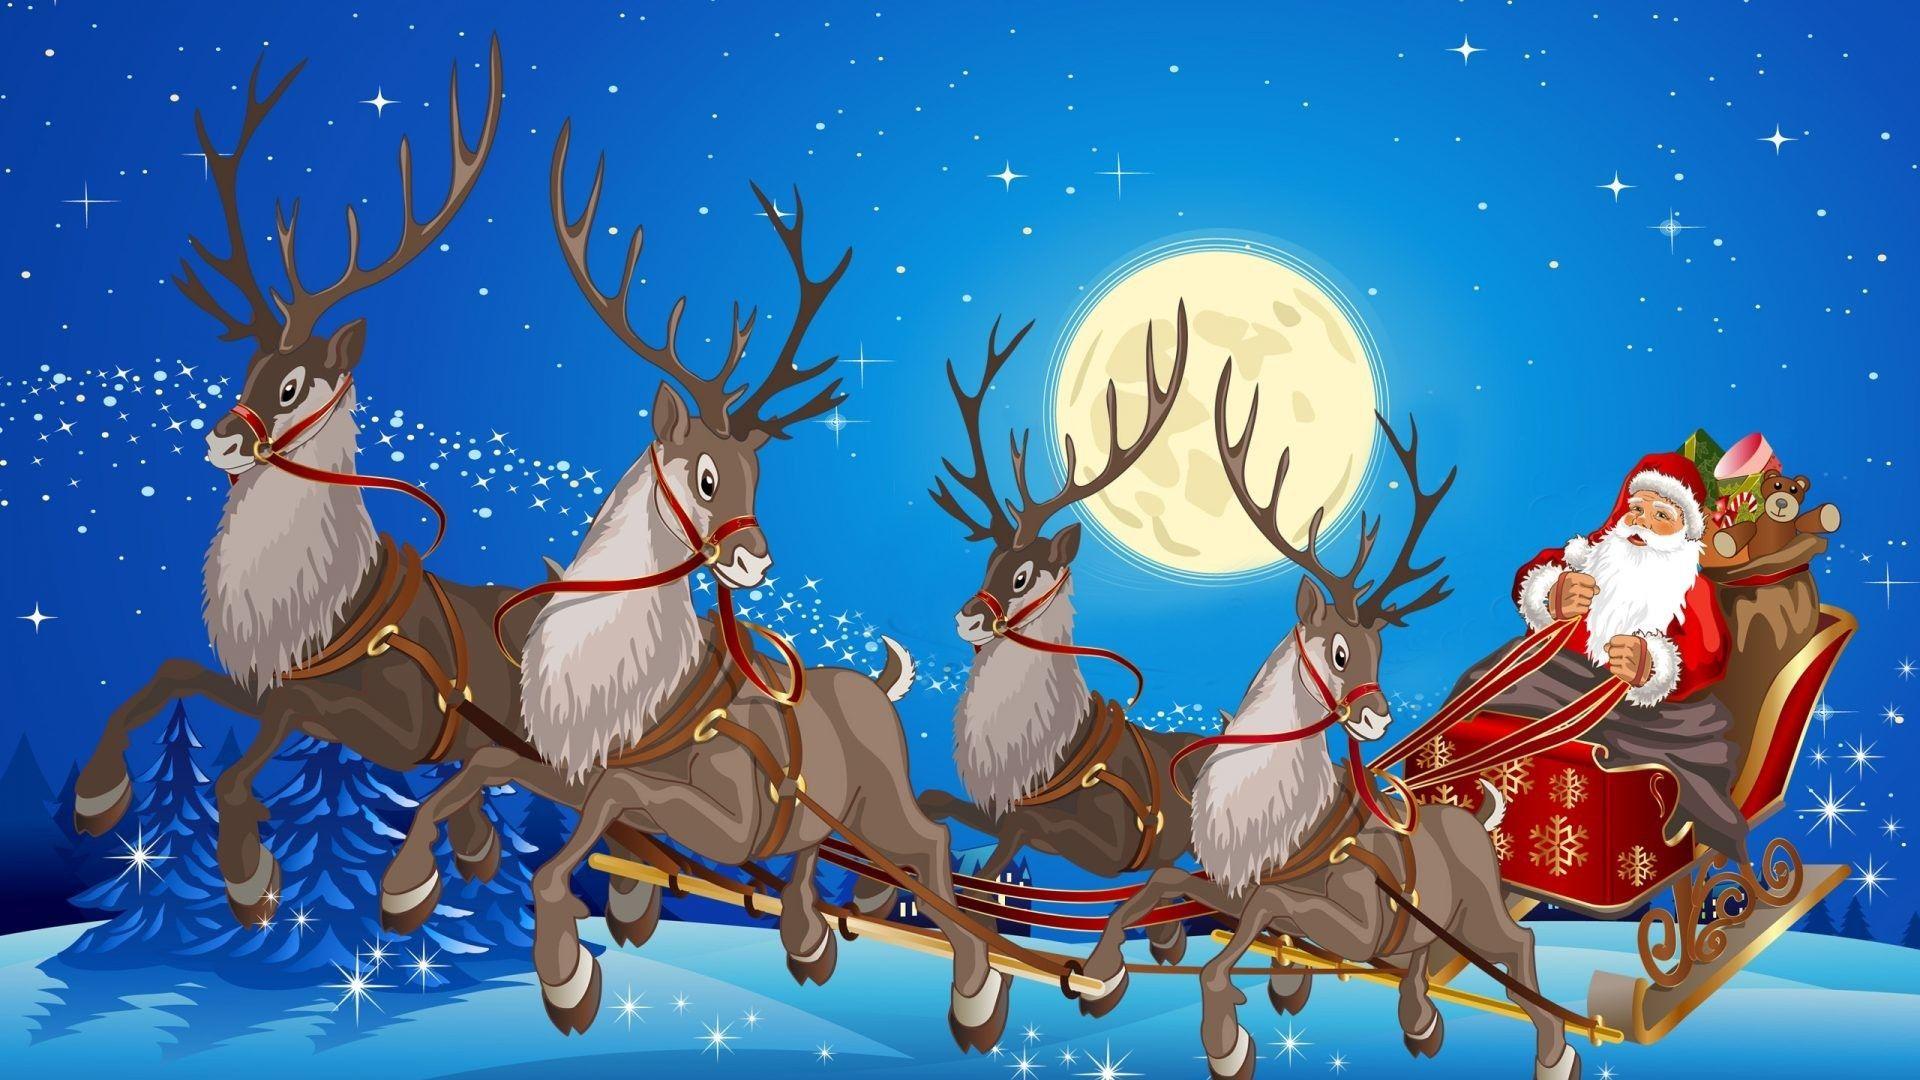 Christmas Sleigh wallpaper image hd